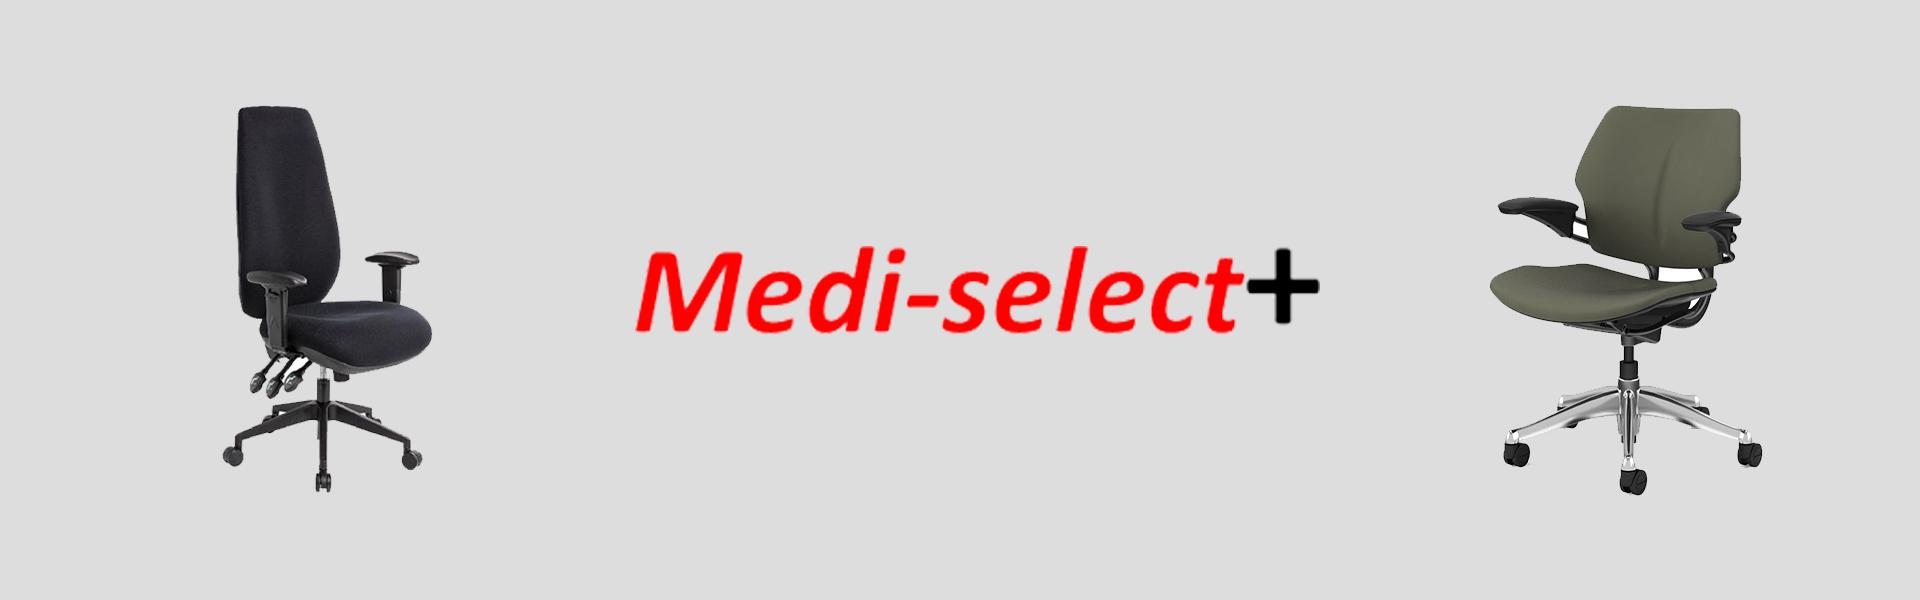 Medi Select